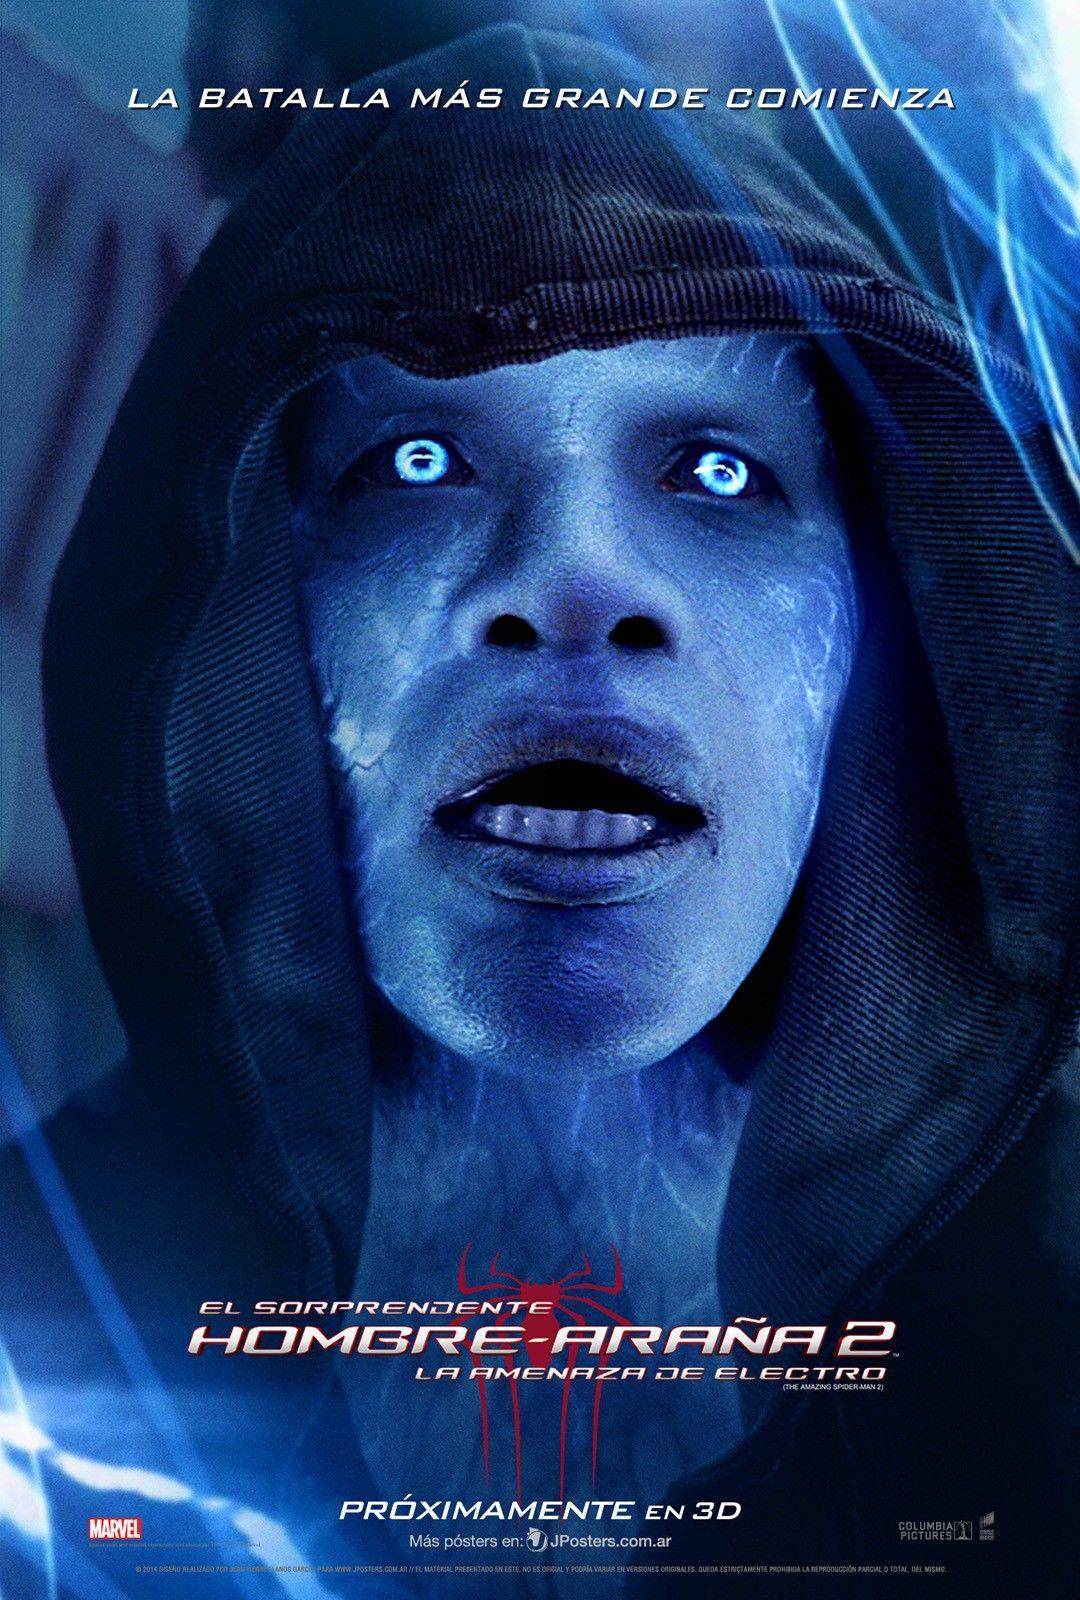 смотреть фильм человек паук высокое напряжение 2